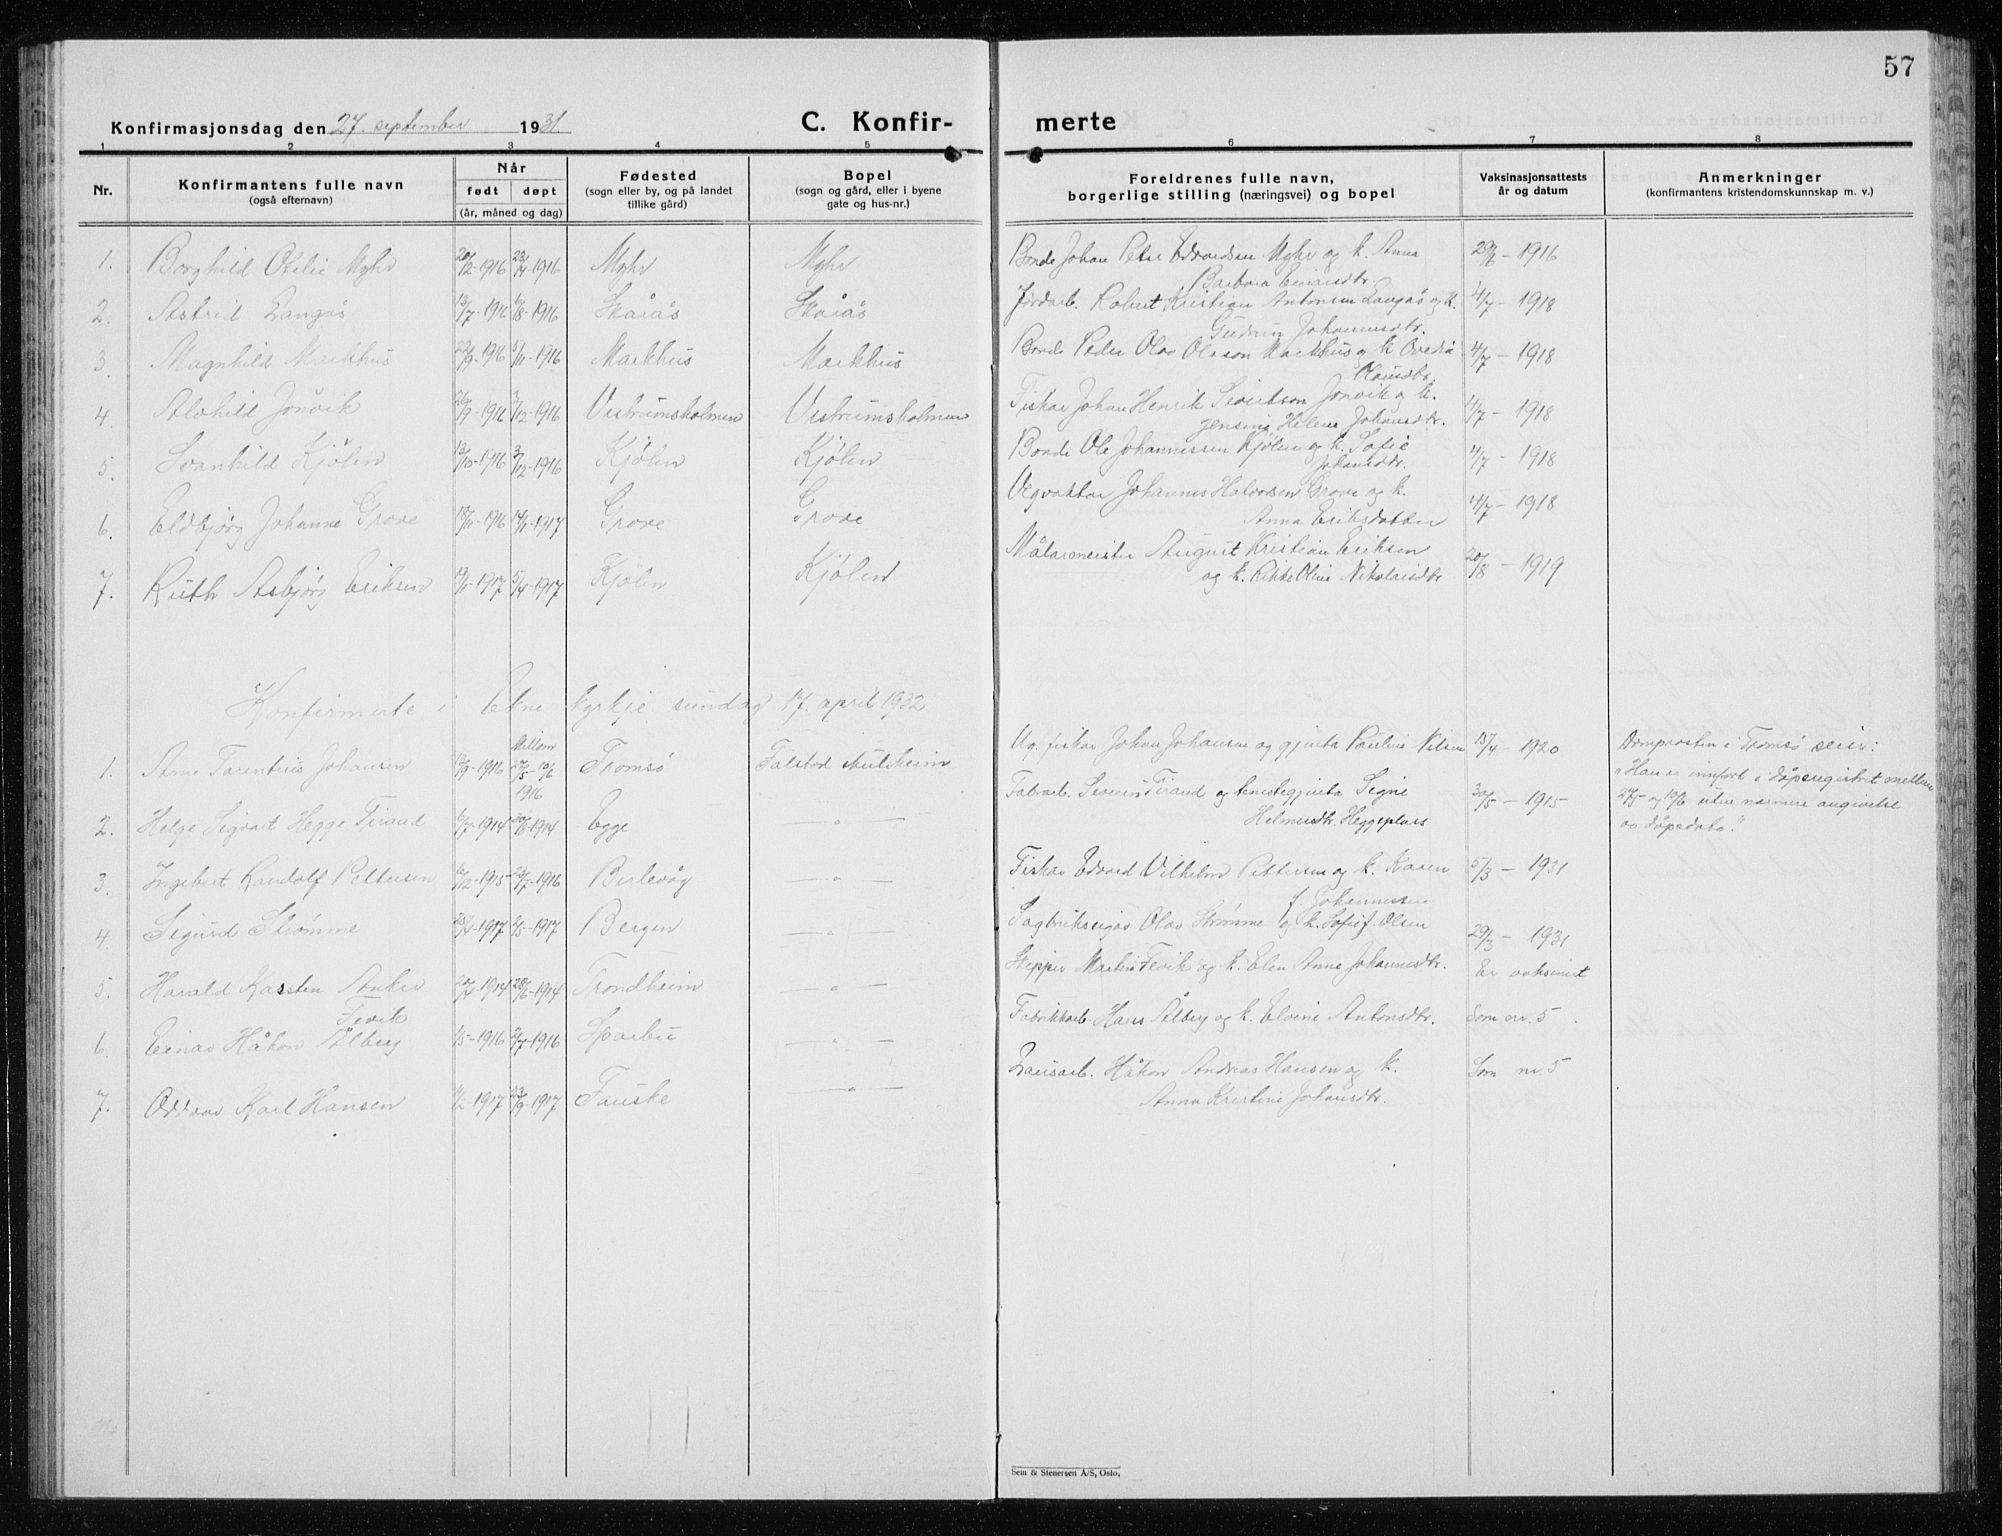 SAT, Ministerialprotokoller, klokkerbøker og fødselsregistre - Nord-Trøndelag, 719/L0180: Klokkerbok nr. 719C01, 1878-1940, s. 57